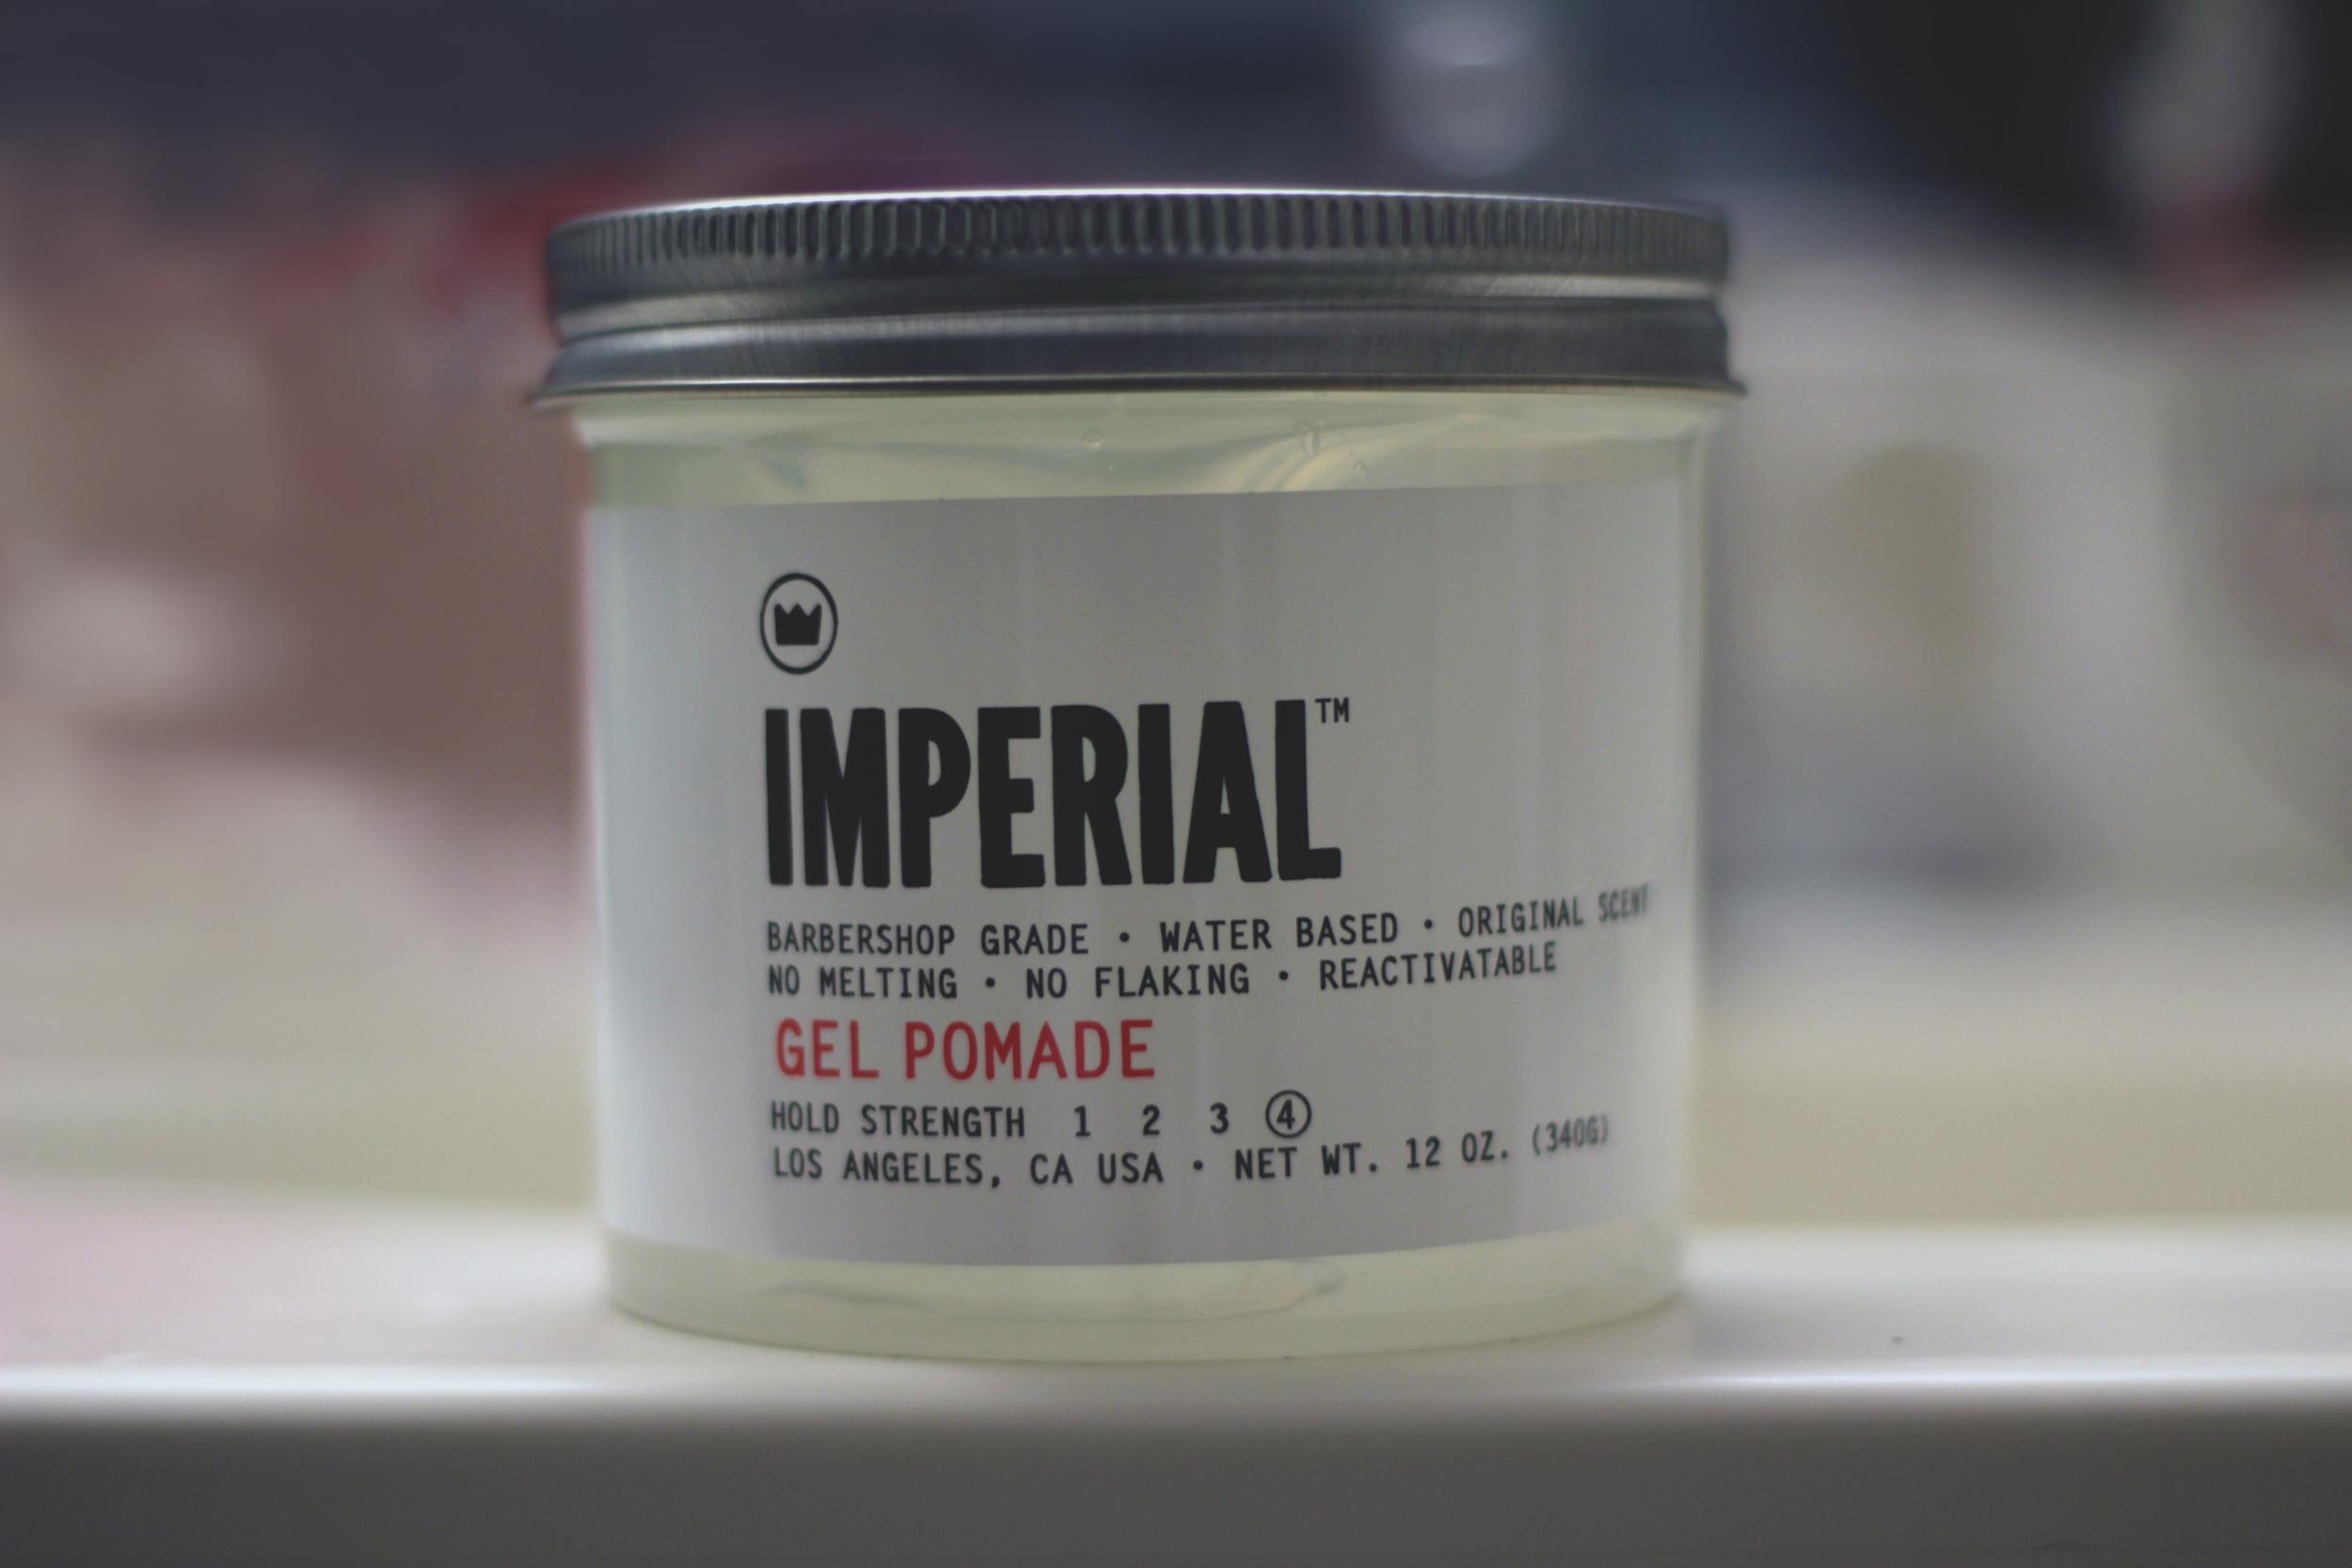 Imperial Gel Pomade jar